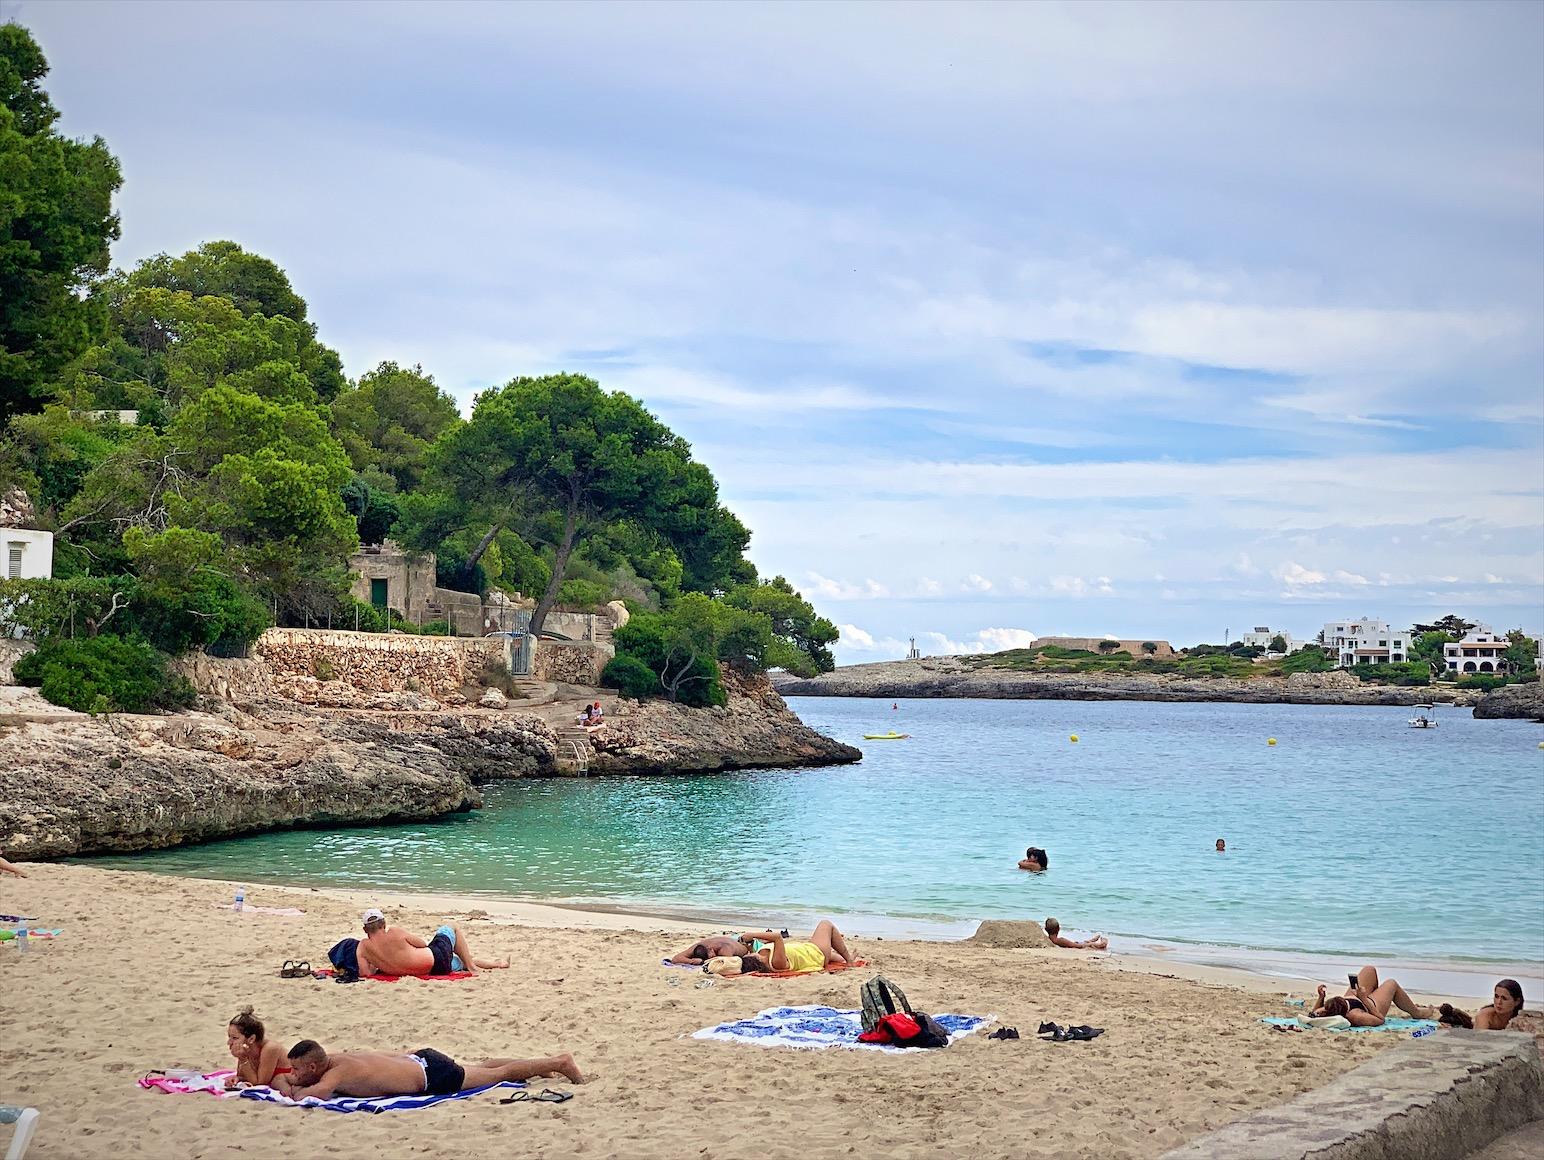 Cala d'Or (カーラ・ドール)マヨルカ島で綺麗な海